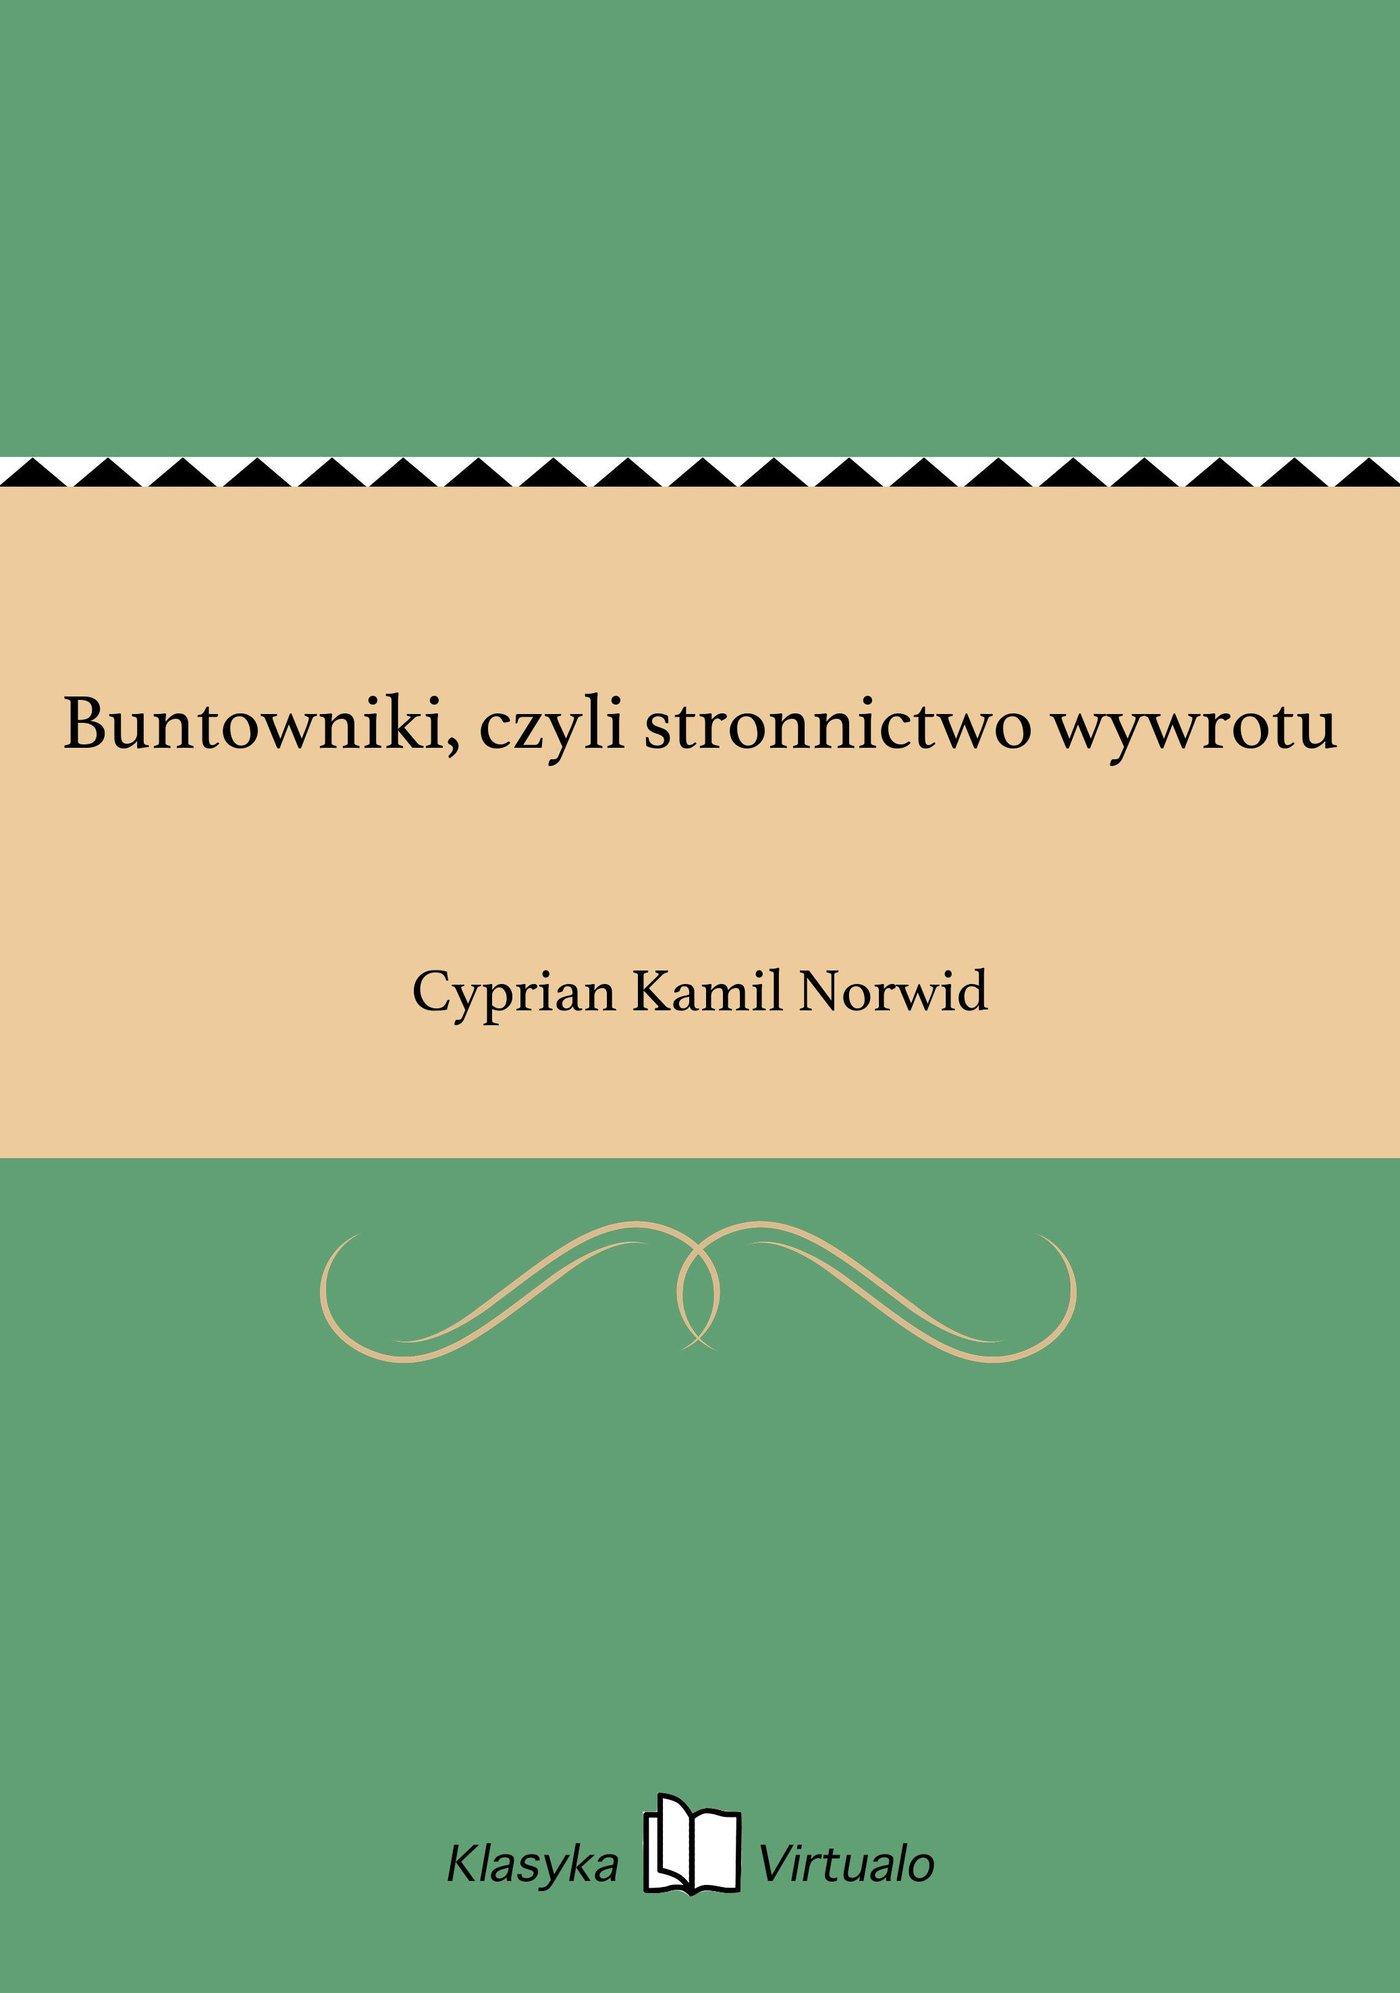 Buntowniki, czyli stronnictwo wywrotu - Ebook (Książka EPUB) do pobrania w formacie EPUB